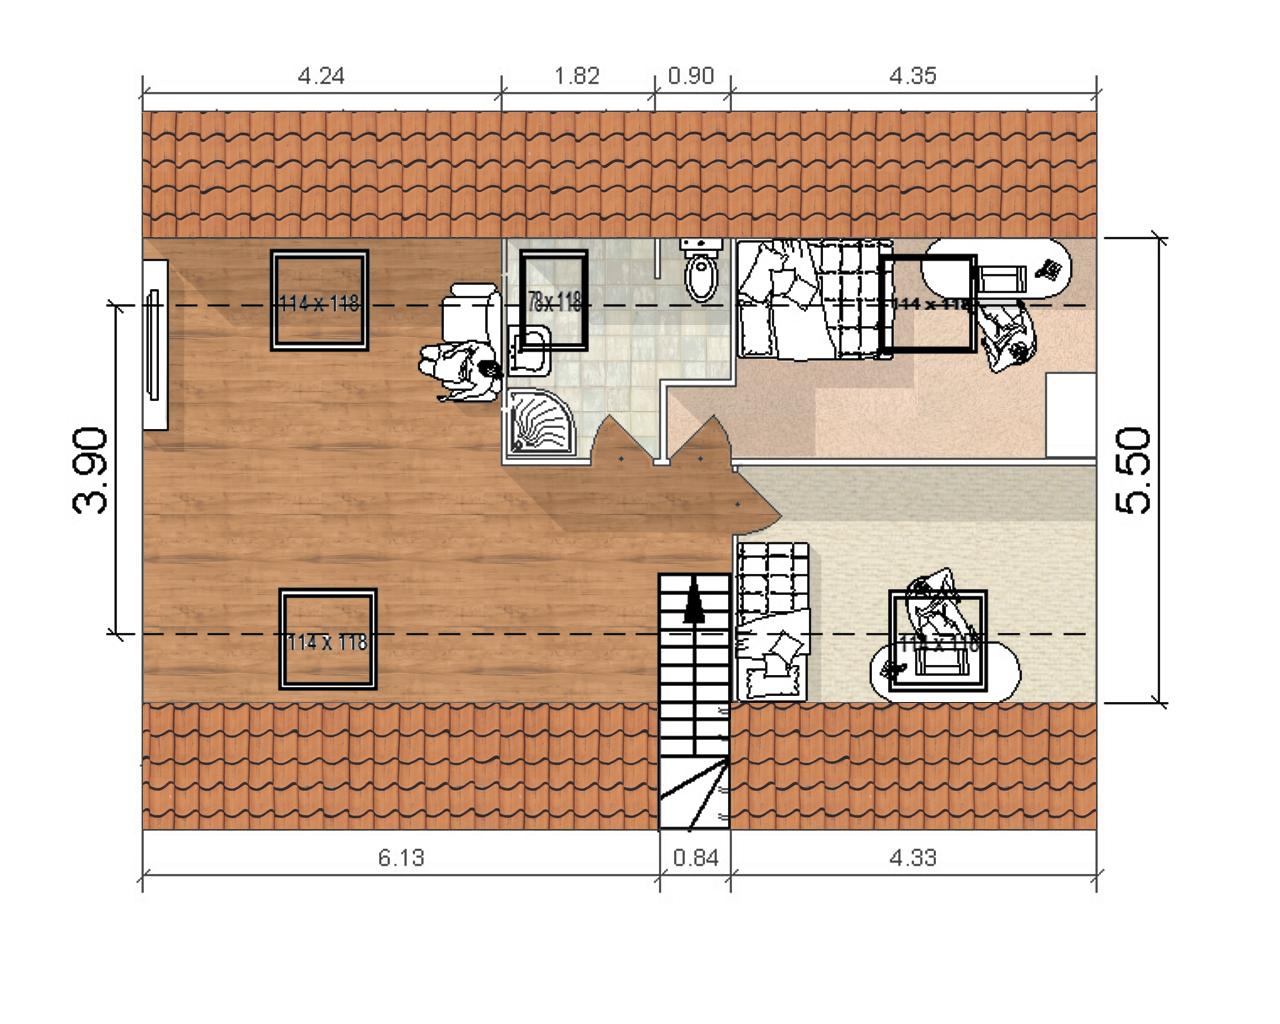 plan maison phenix good hilarant plan maison m plan maison chambres with plan maison phenix. Black Bedroom Furniture Sets. Home Design Ideas